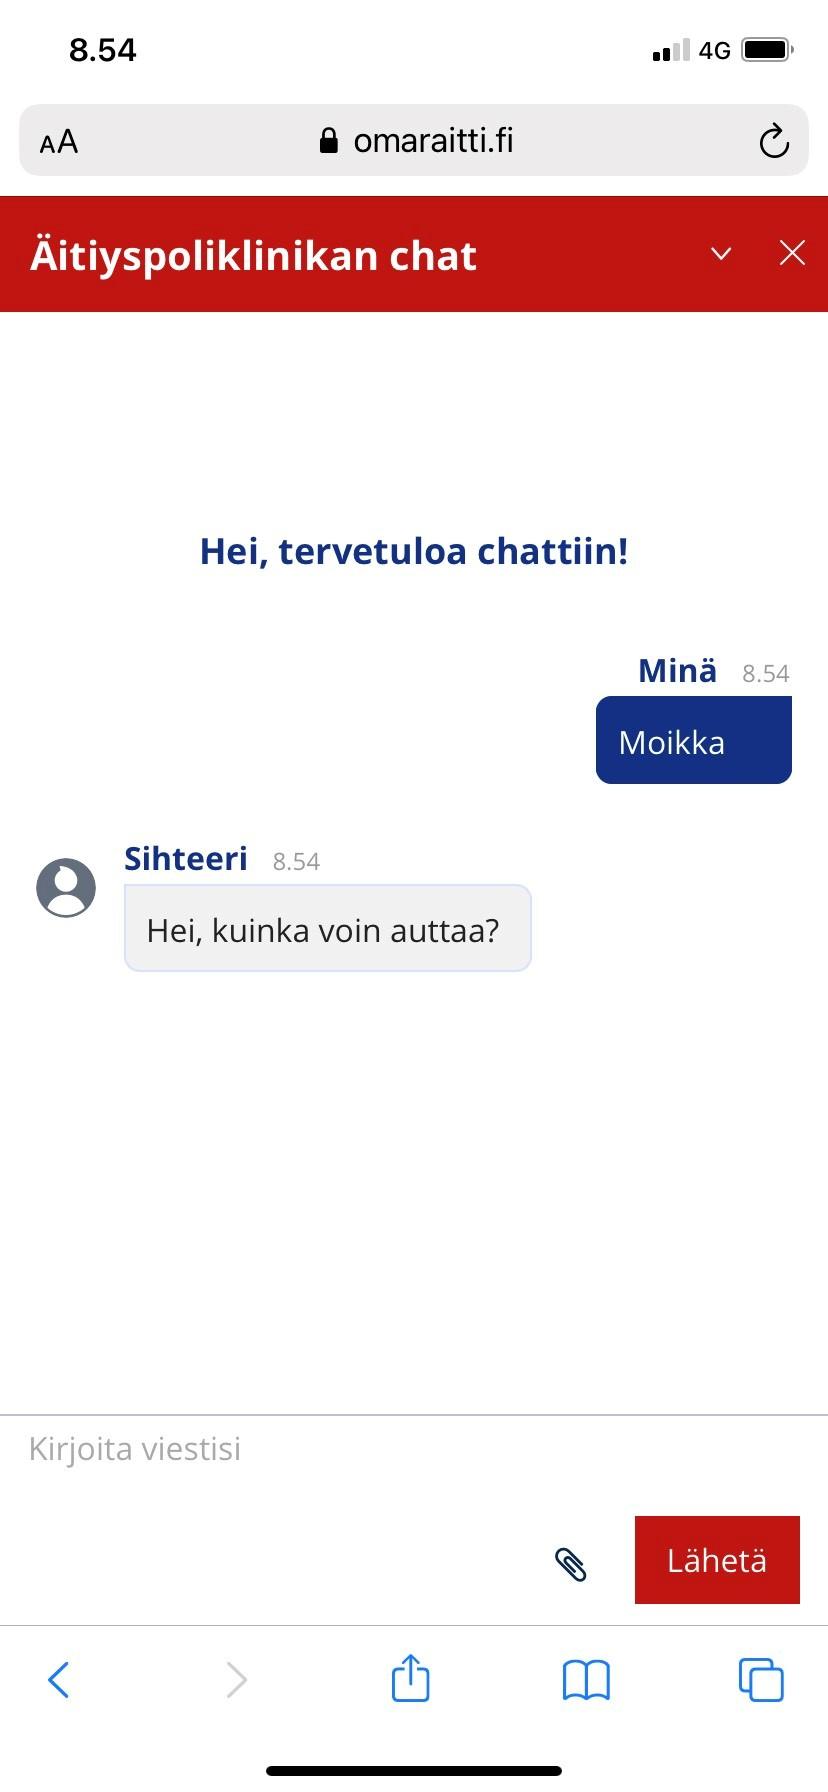 OmaRaitti-sovelluksen chat osion keskustelunäkymä